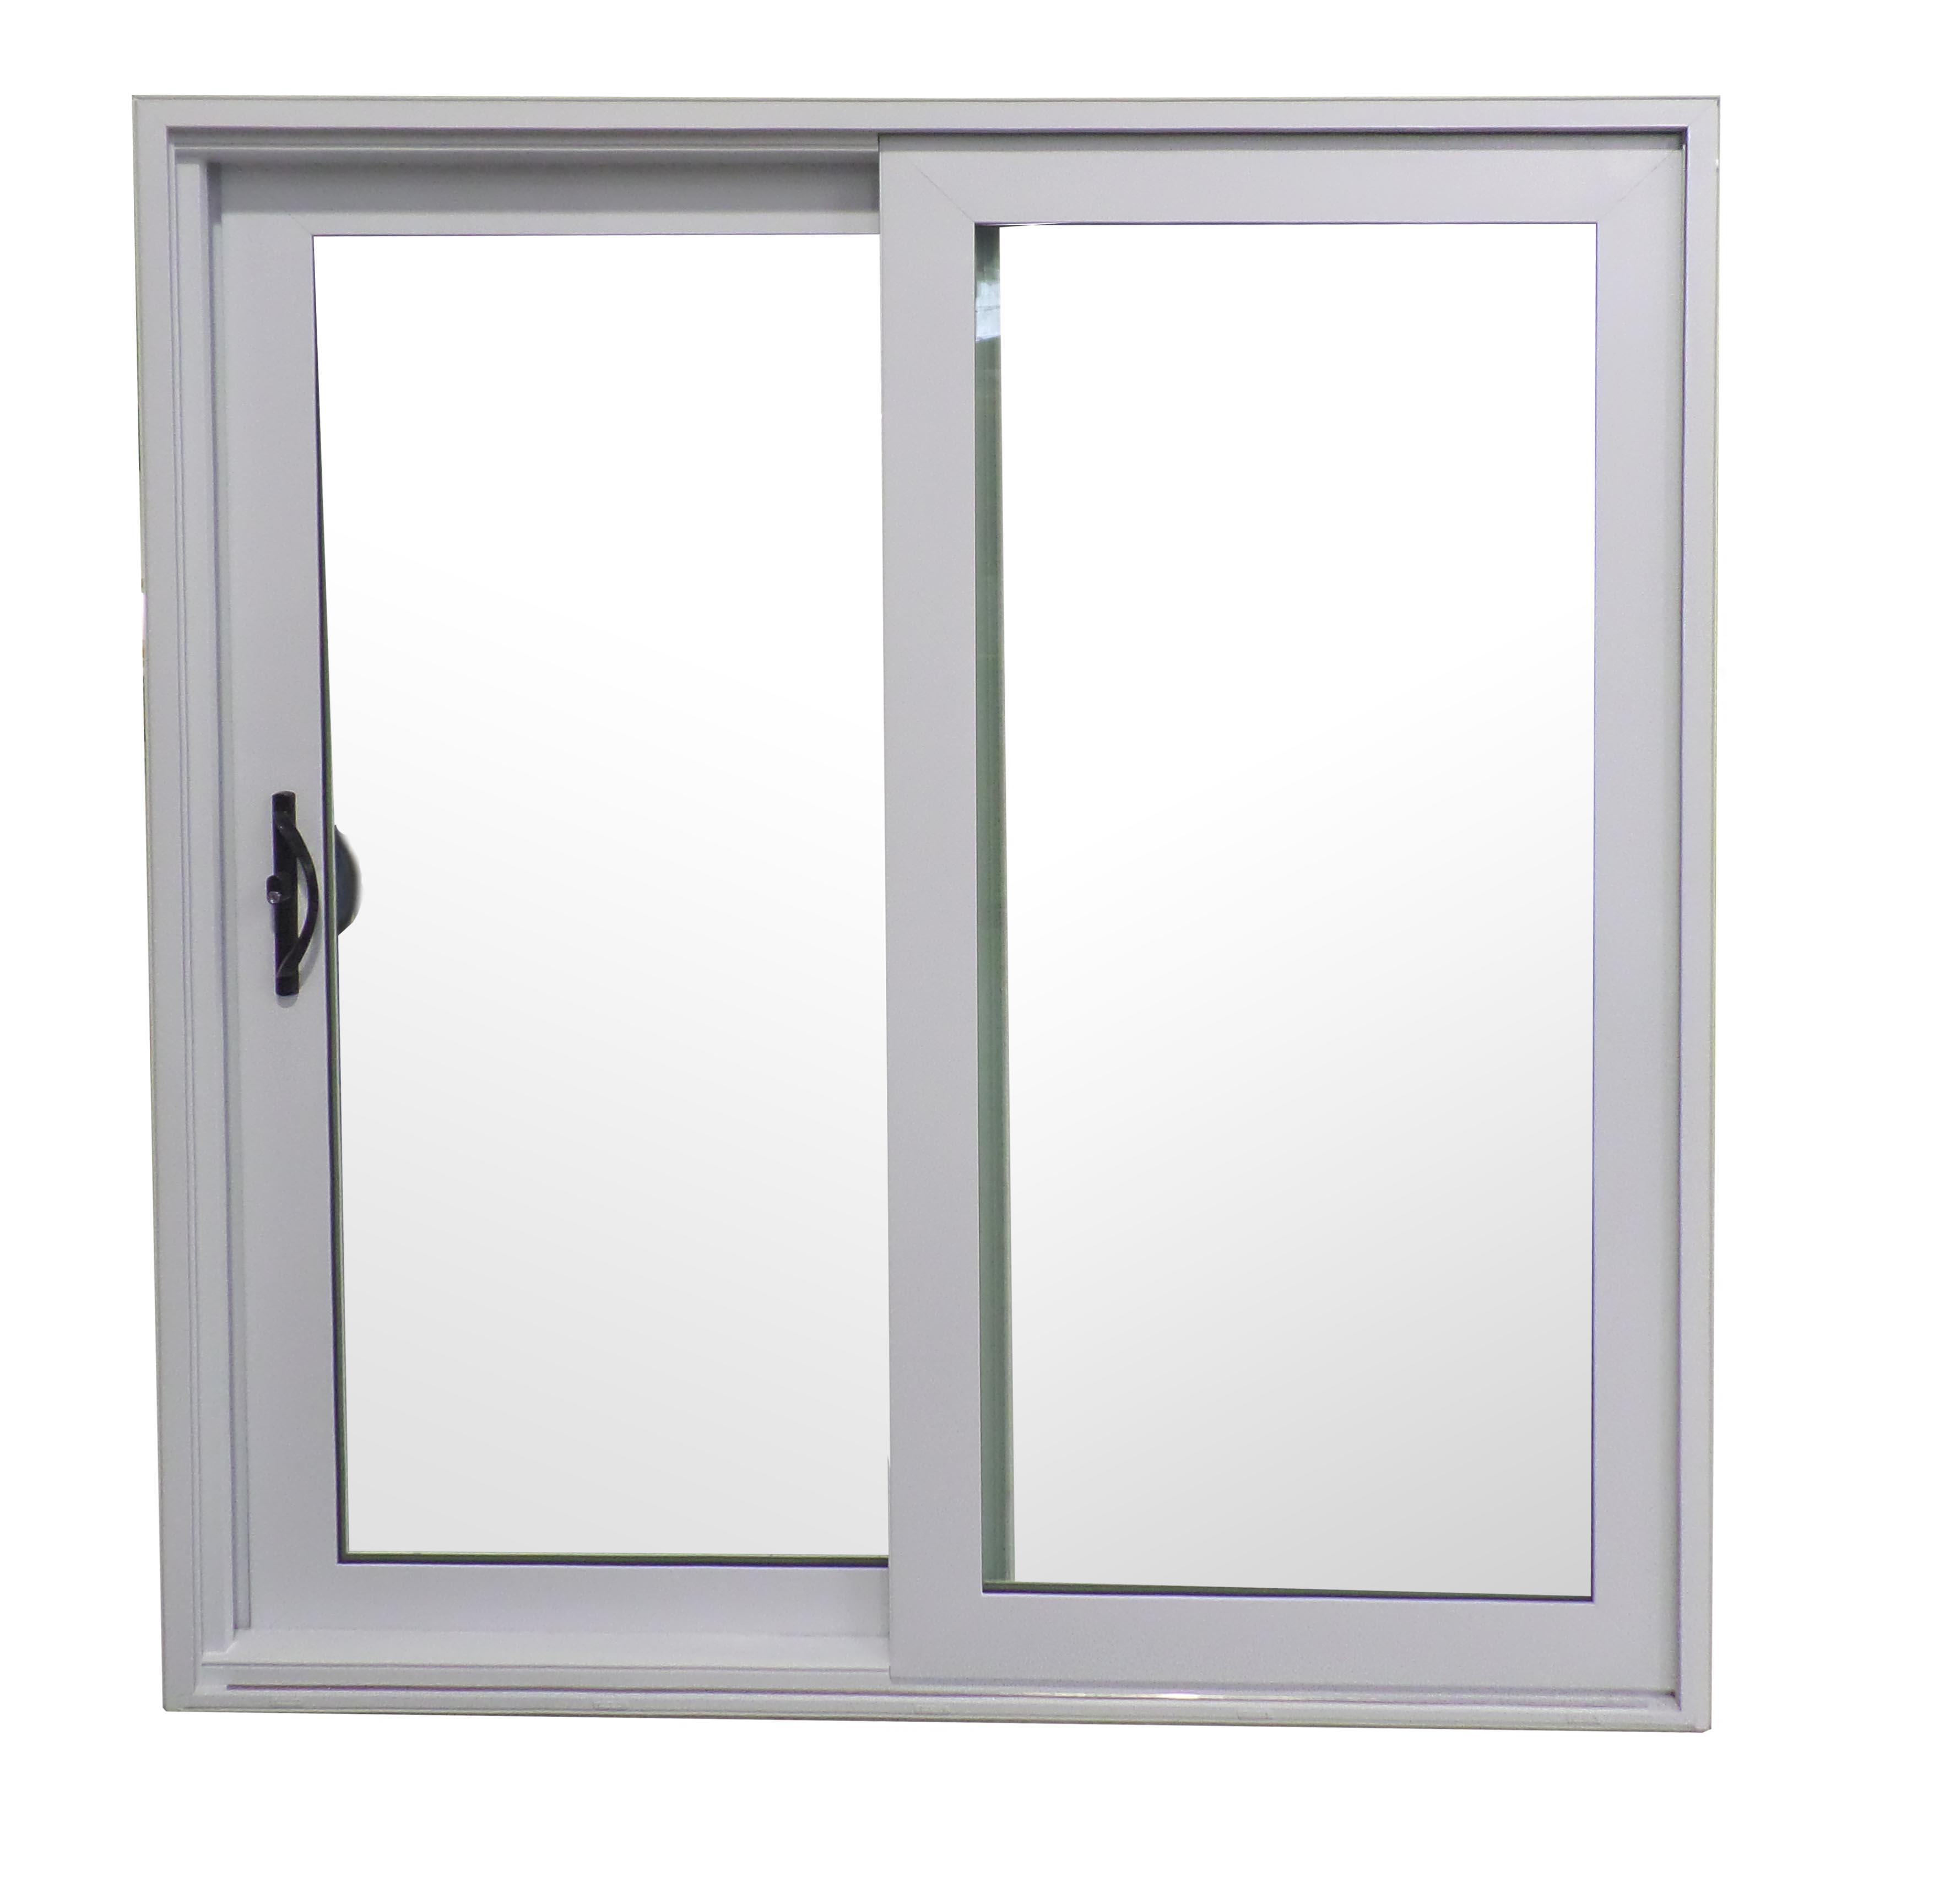 Reliabilt Patio Door Gallery Doors Design Ideas